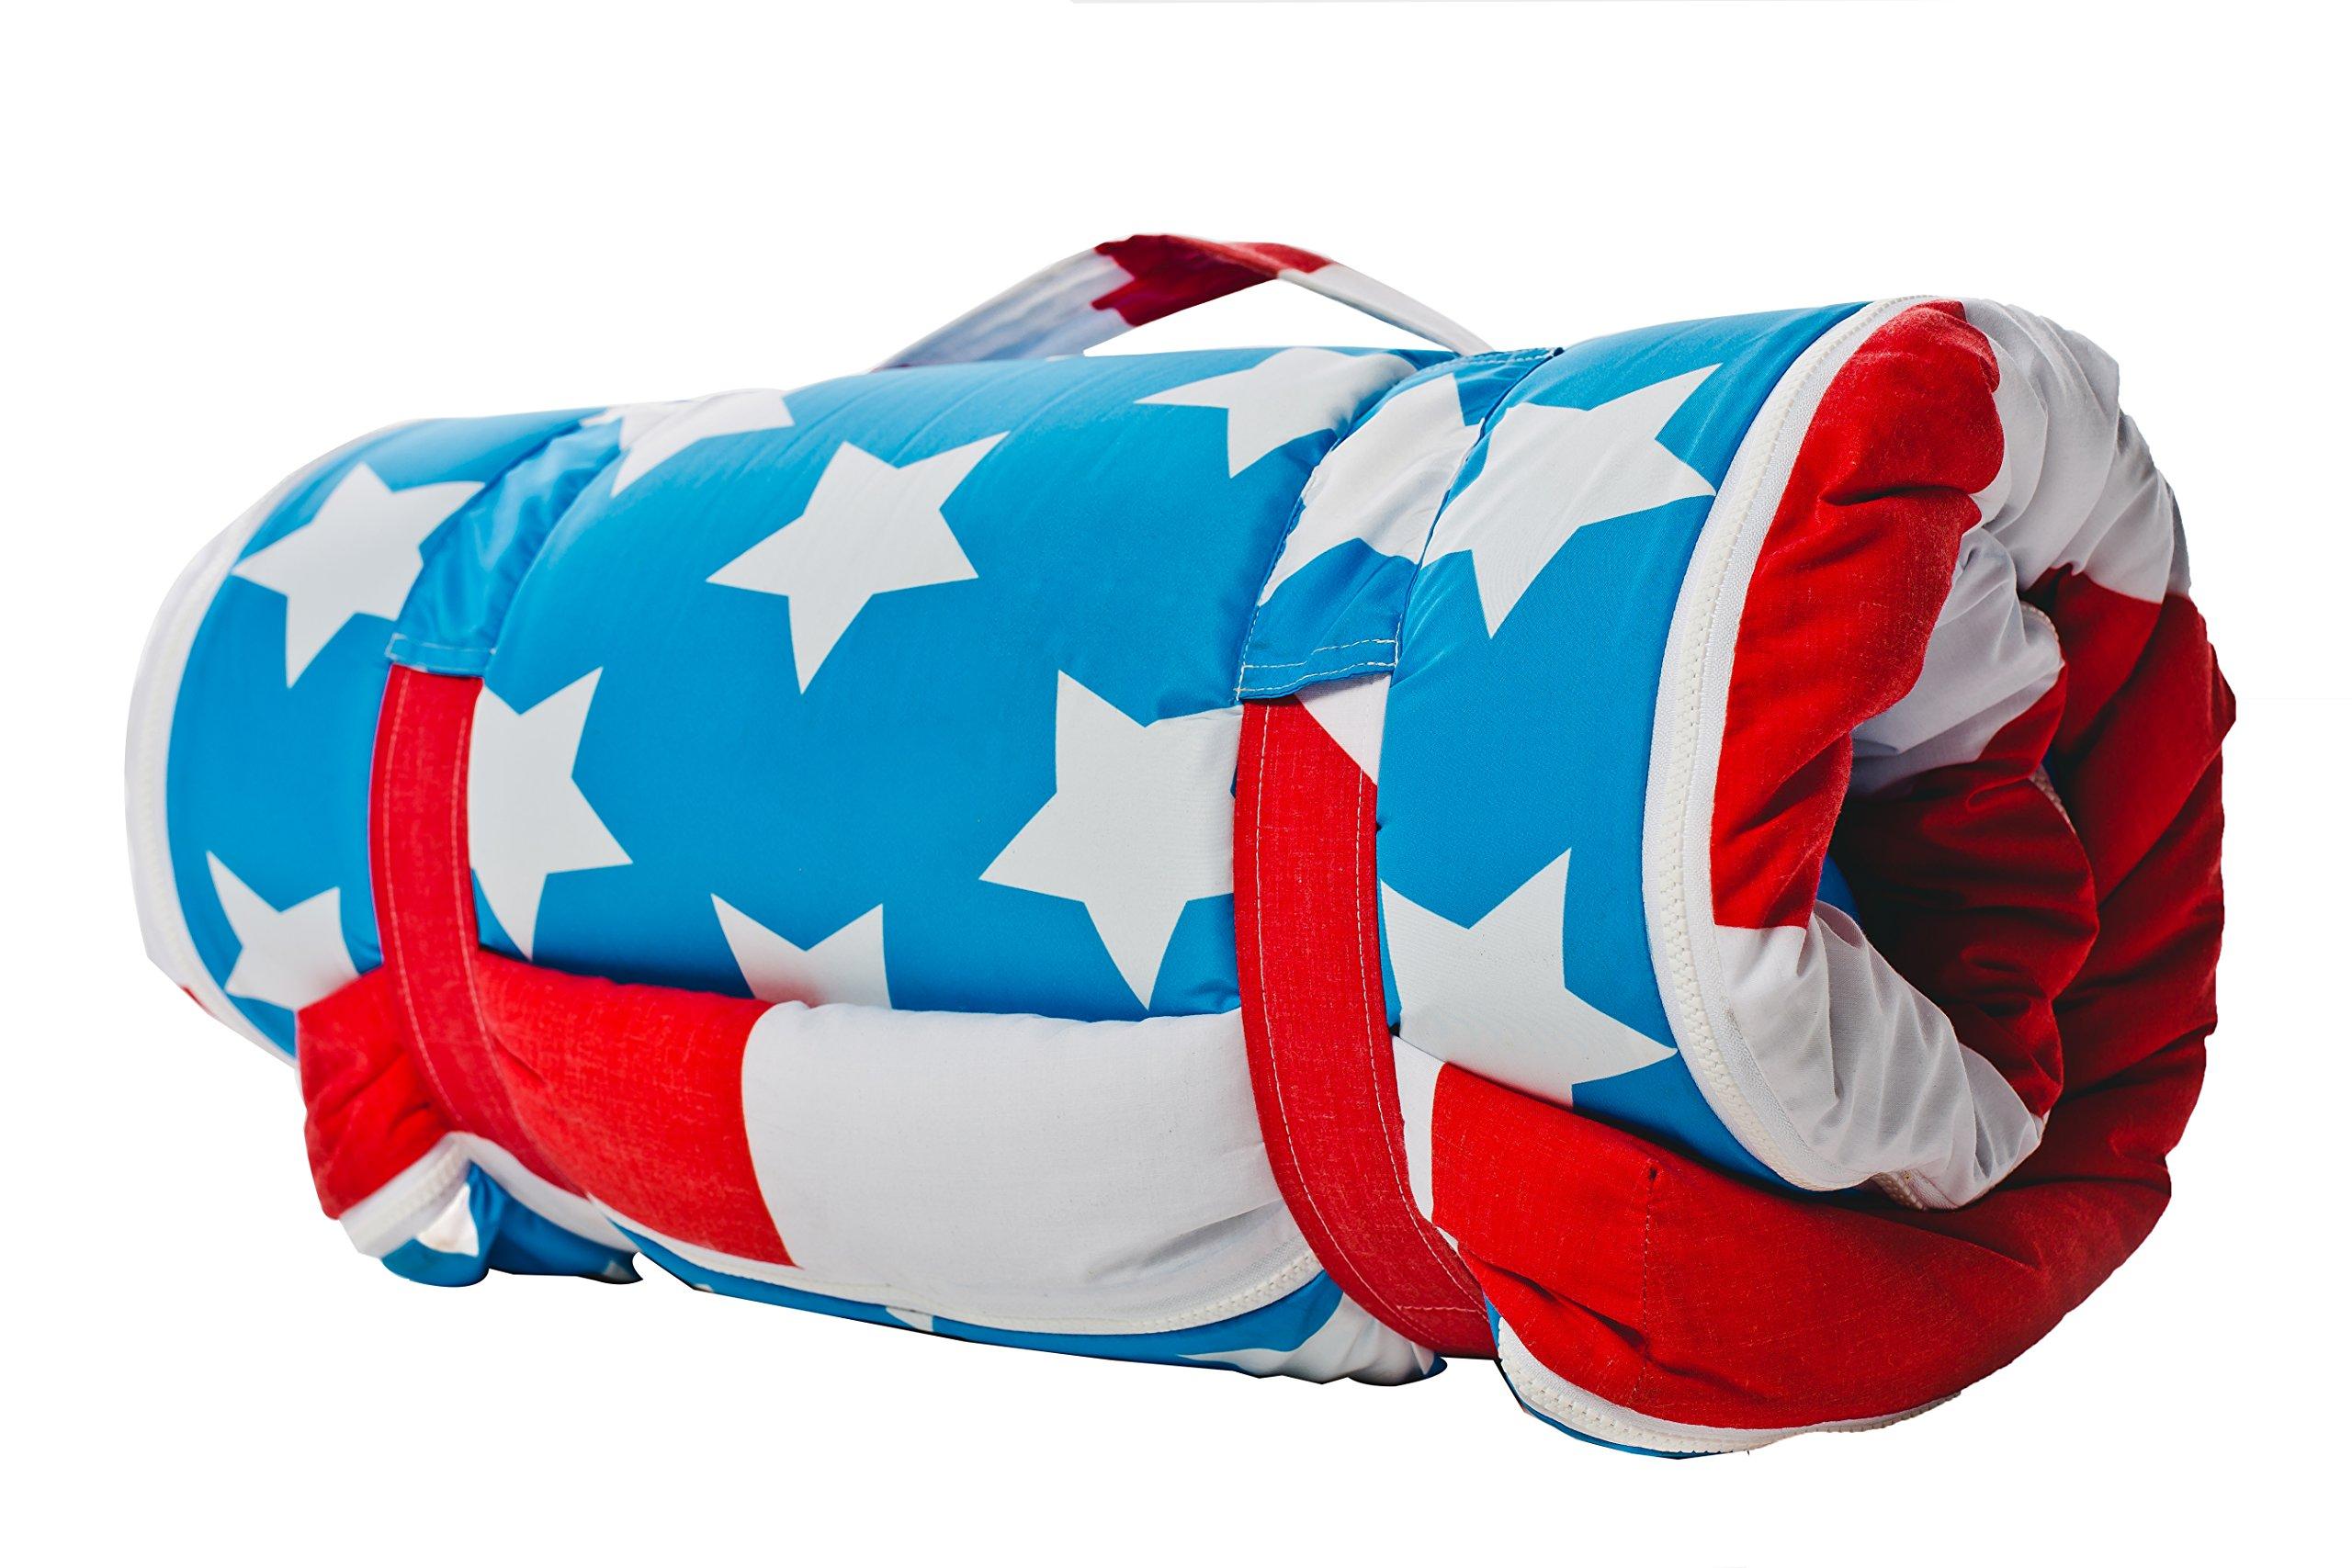 Travel bed (foam mattress,pillow and sleeping bag)